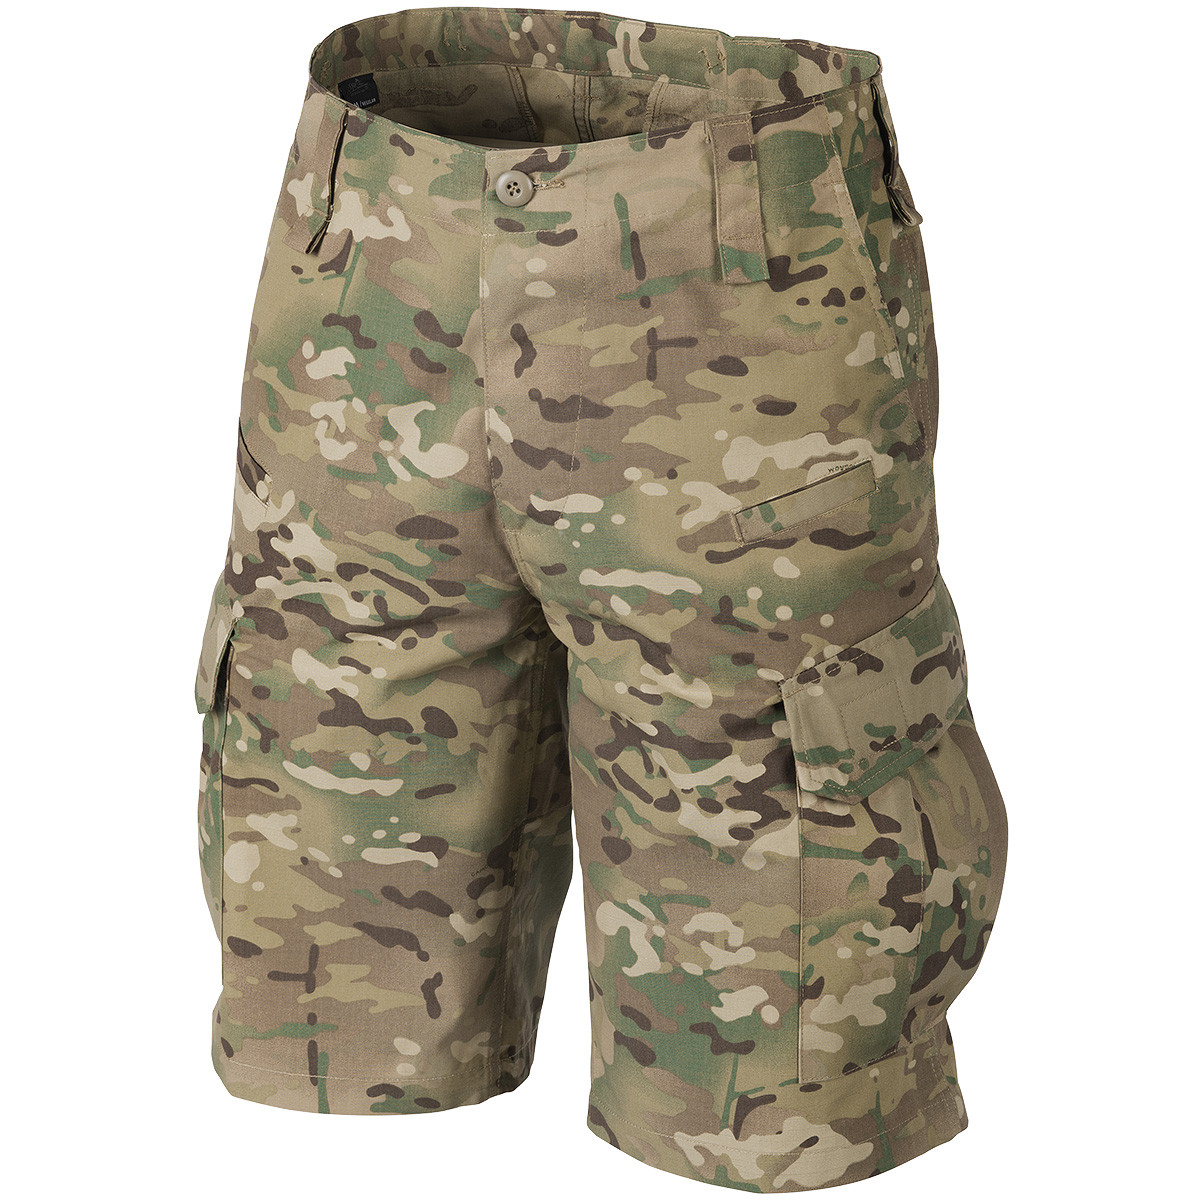 Шорты тактические, британской армии, милитари камуфляж мультикам MTP Combat.